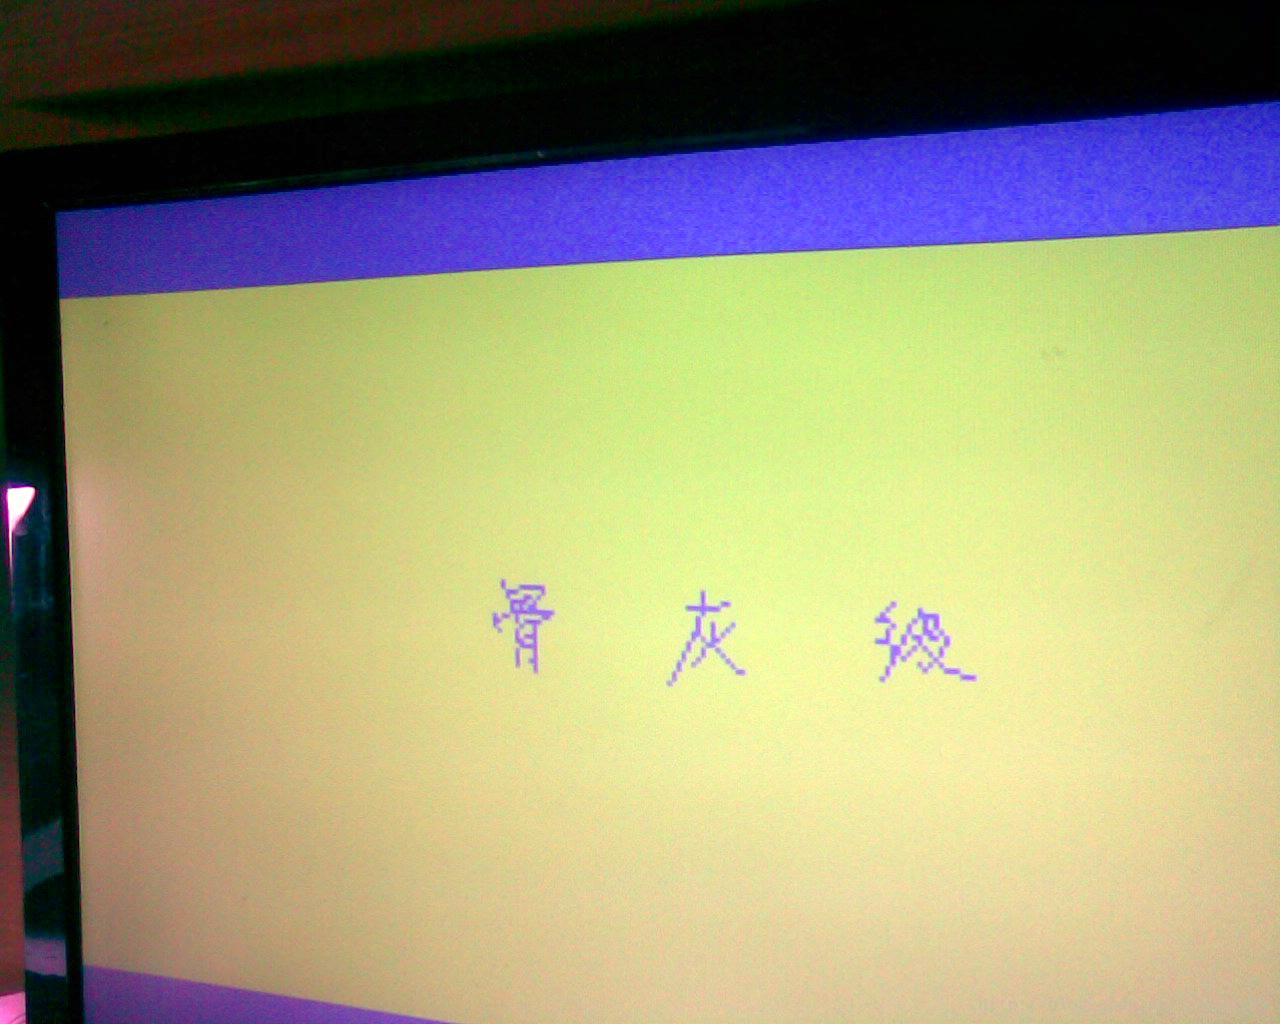 8086汇编双人贪食蛇游戏